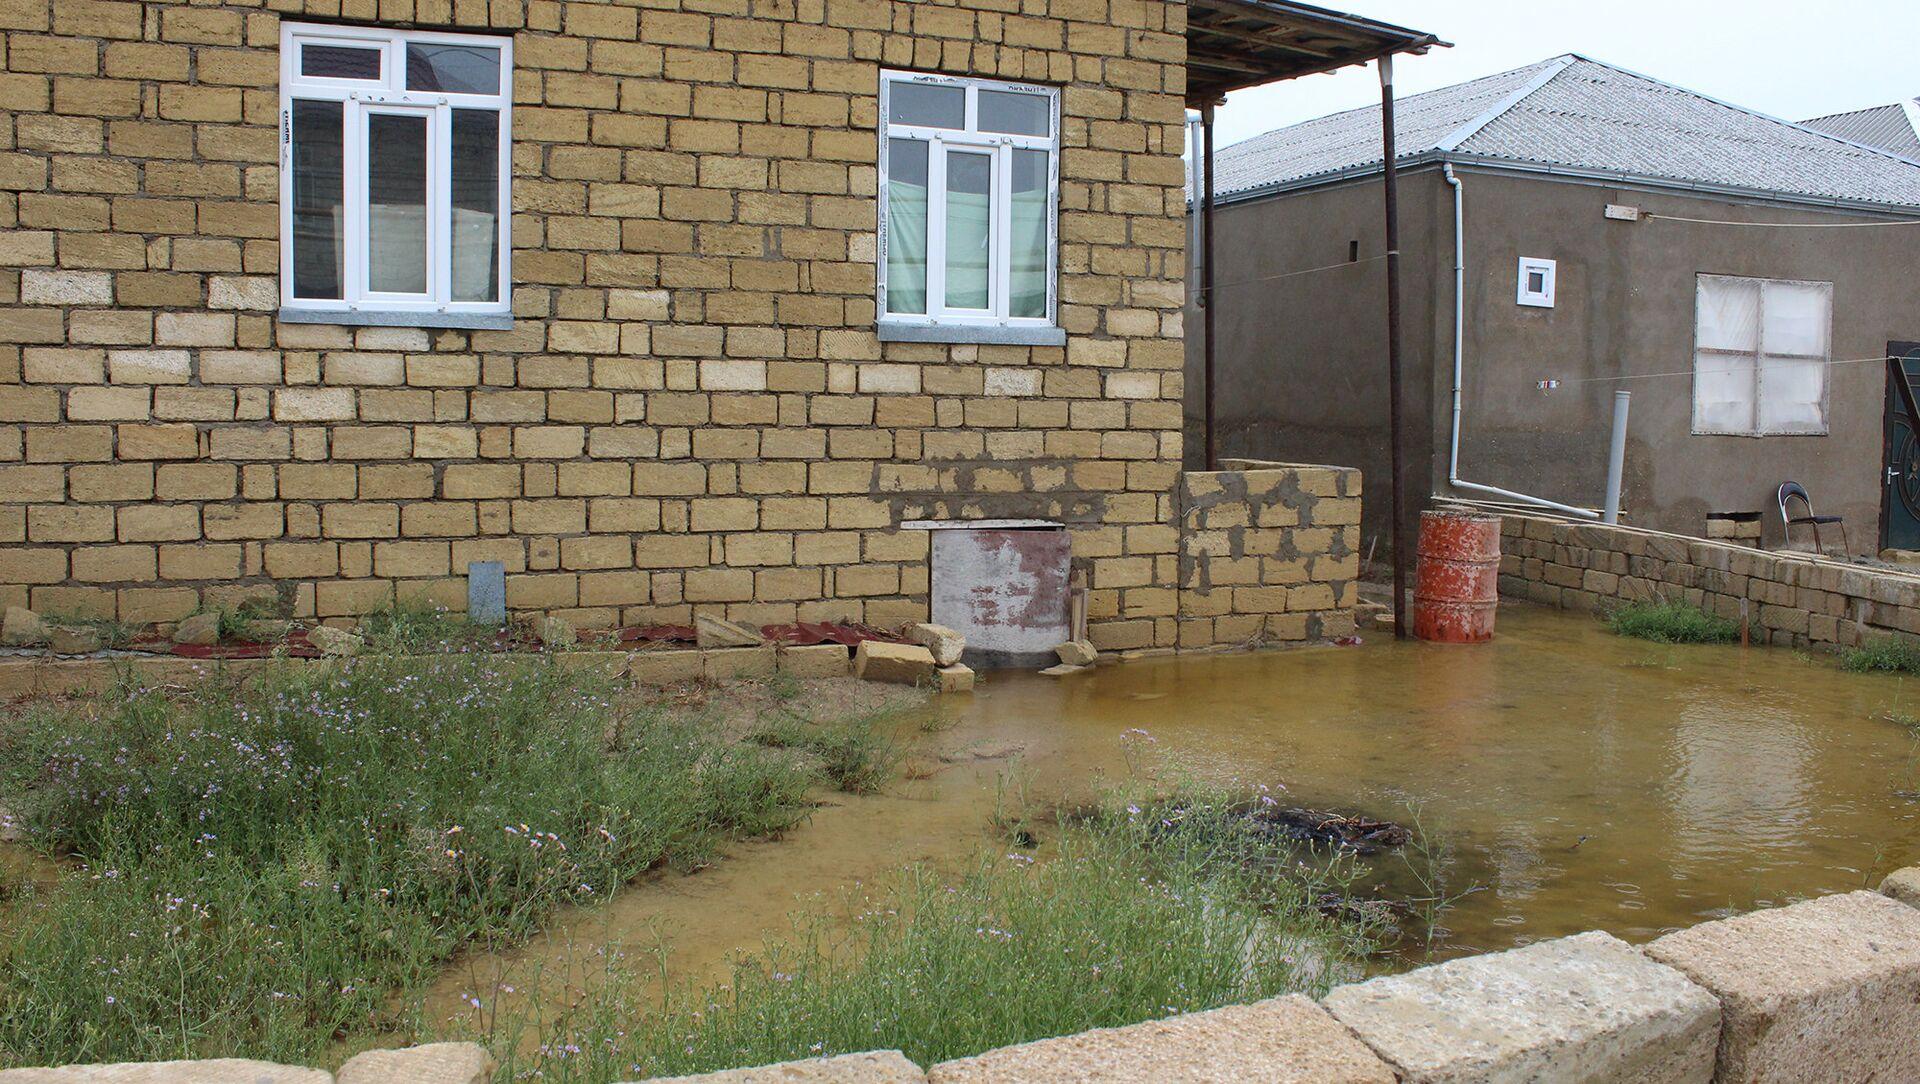 Quşçuluq massivində gölün daşması nəticəsində evləri su basıb - Sputnik Азербайджан, 1920, 26.09.2021